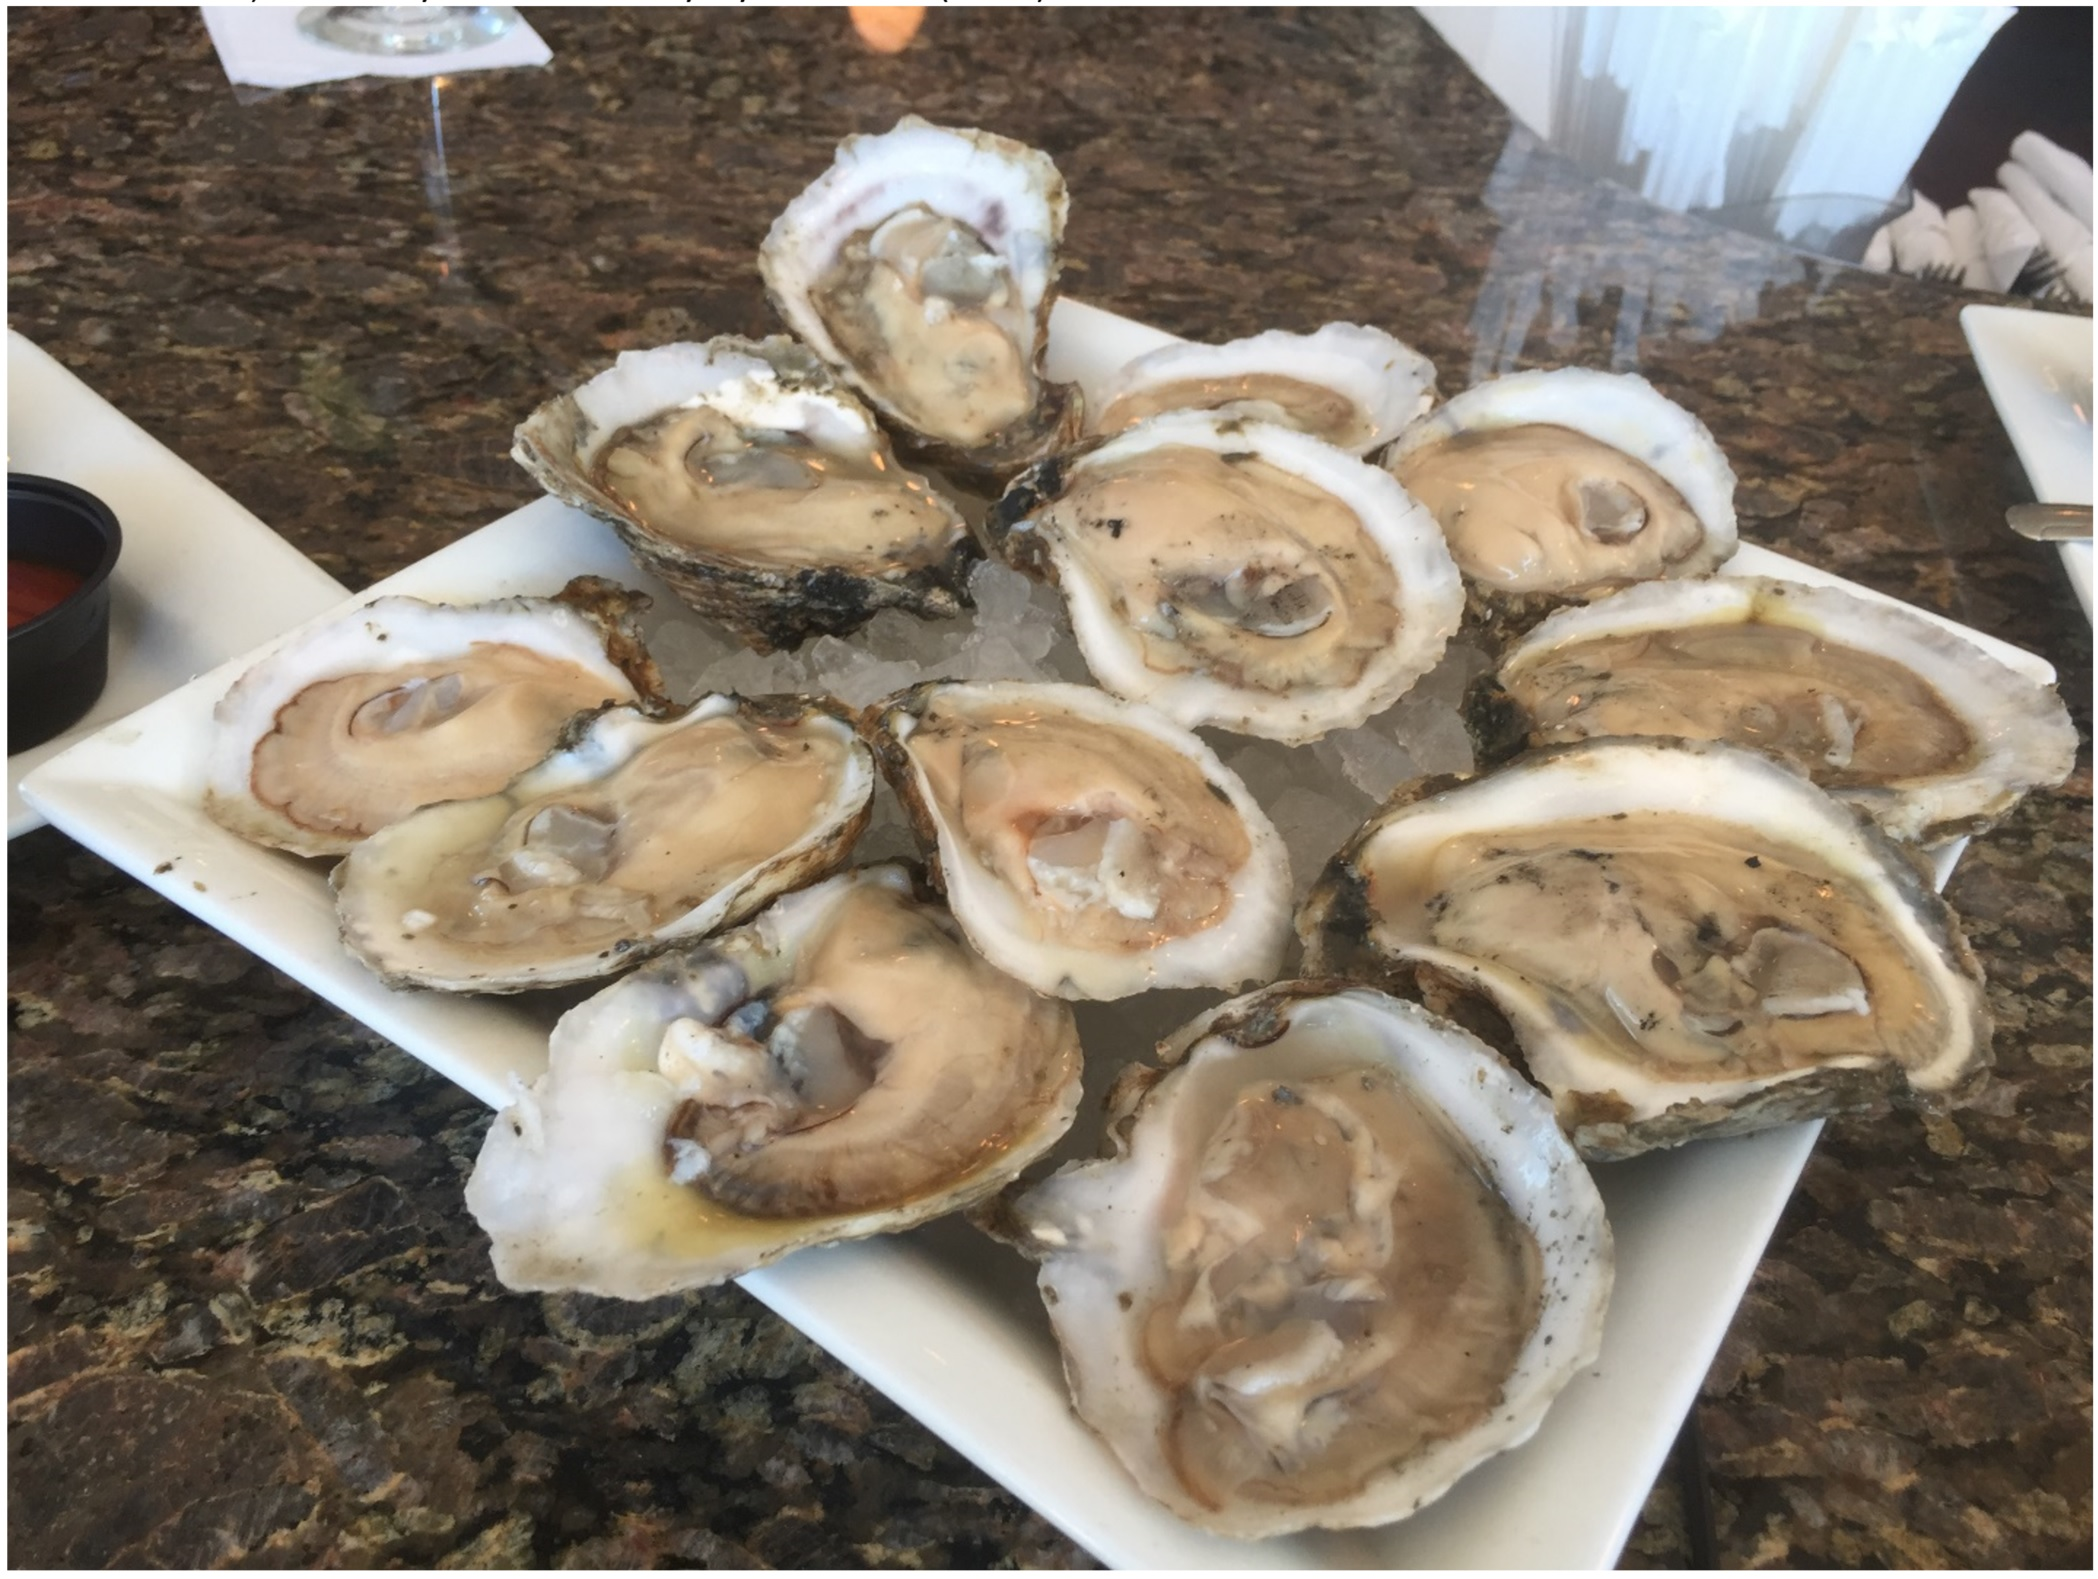 Oyster blog image